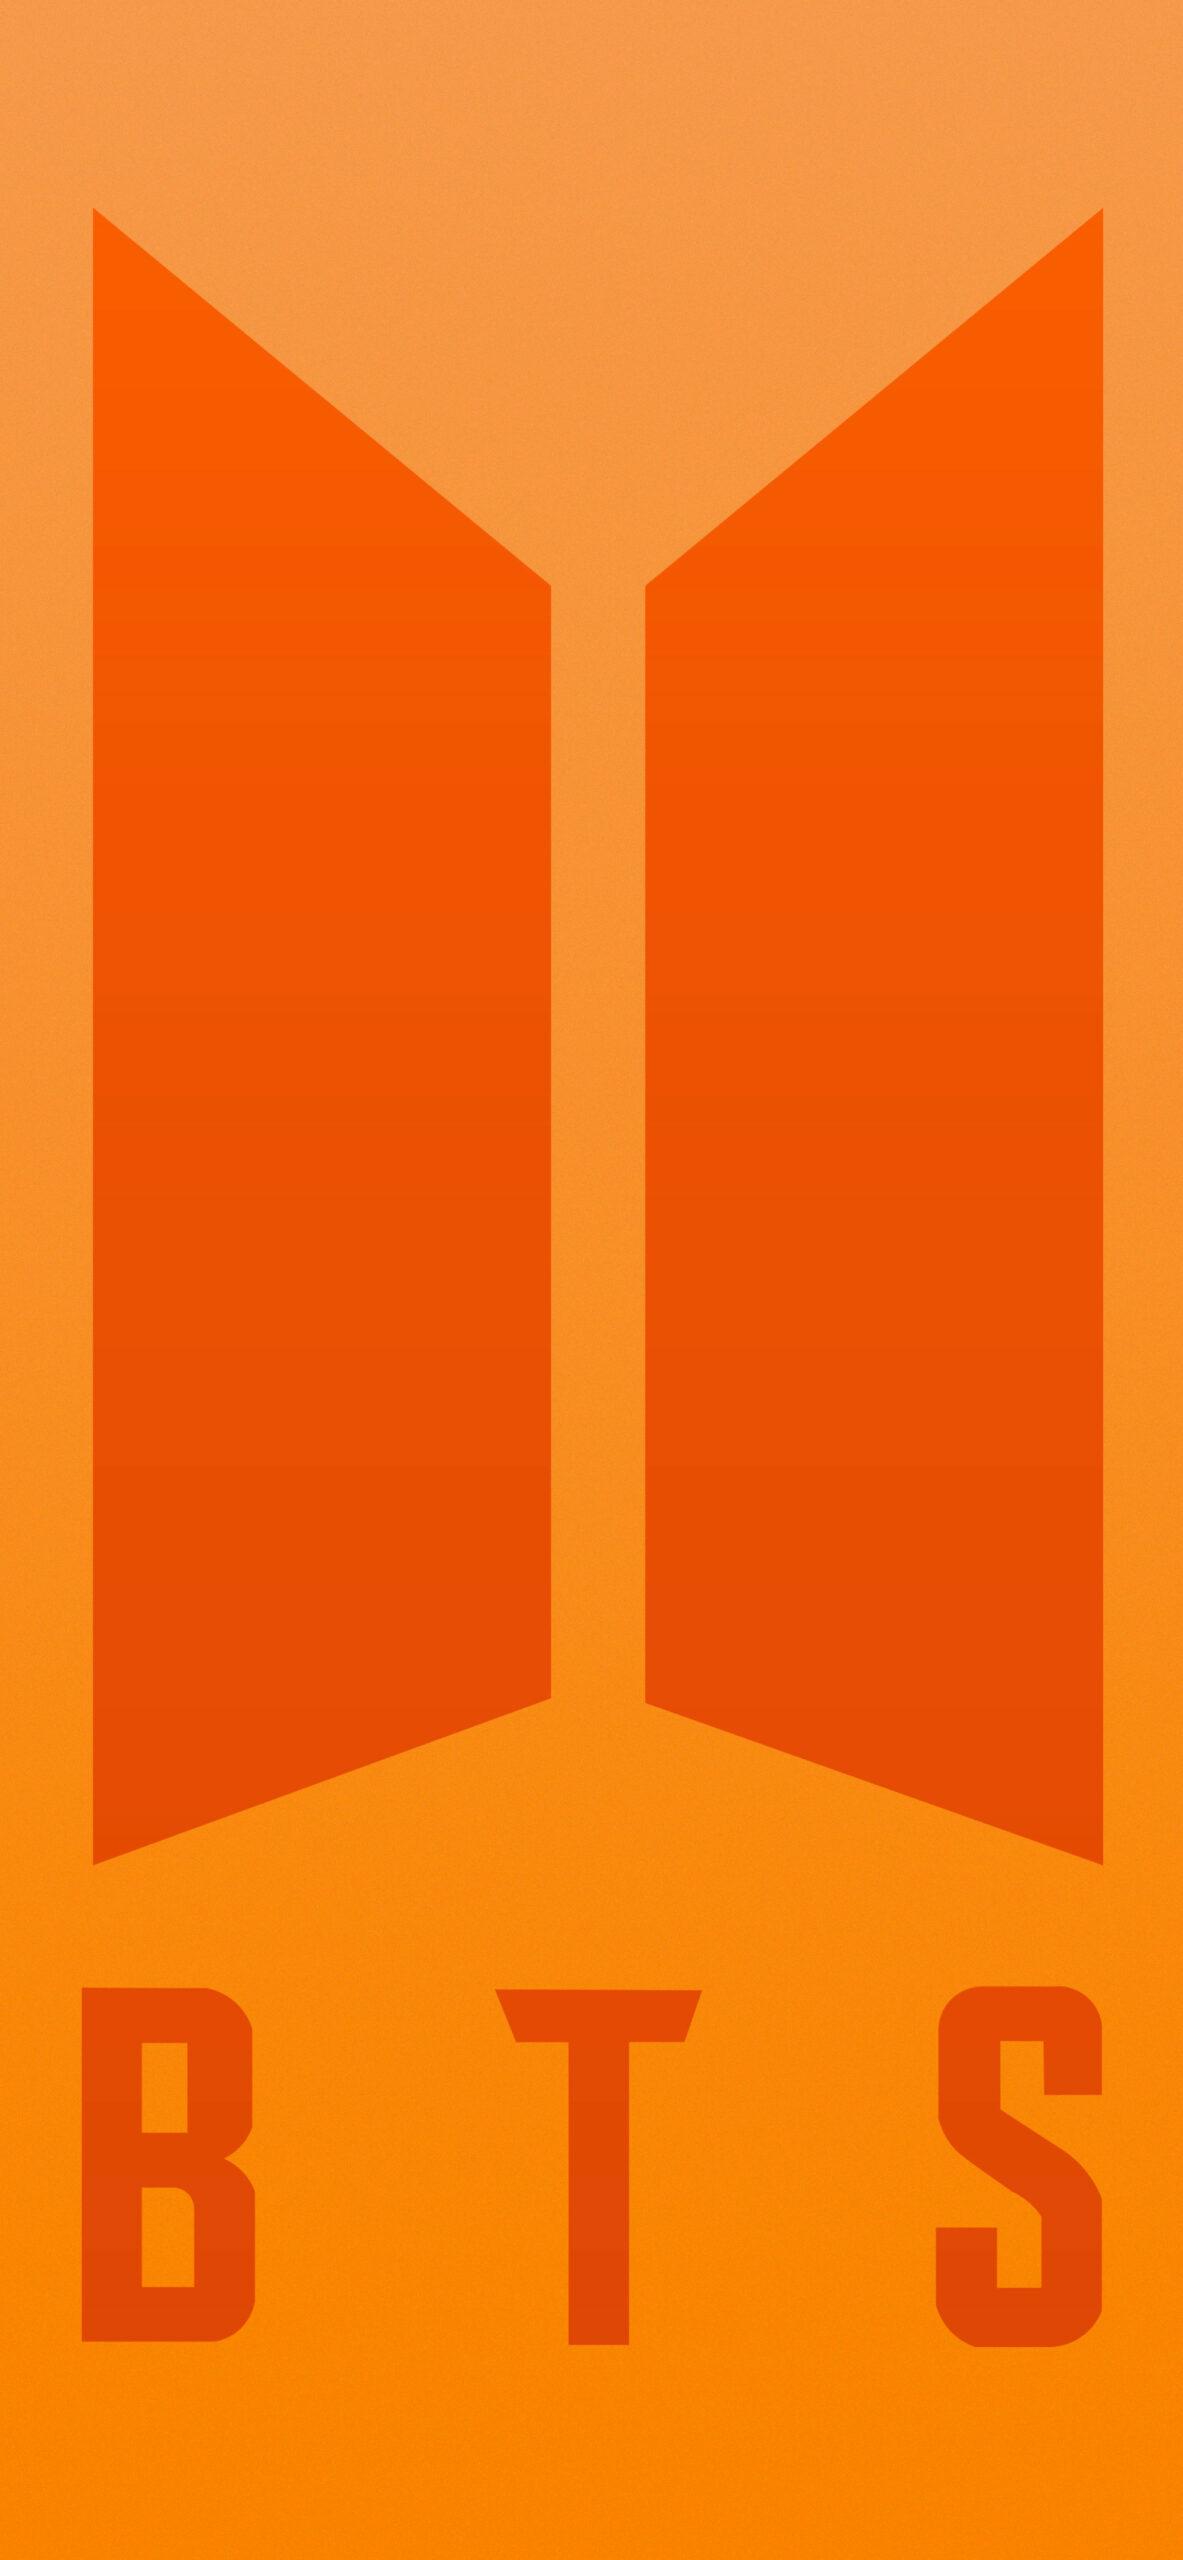 bts bt21 rj orange background